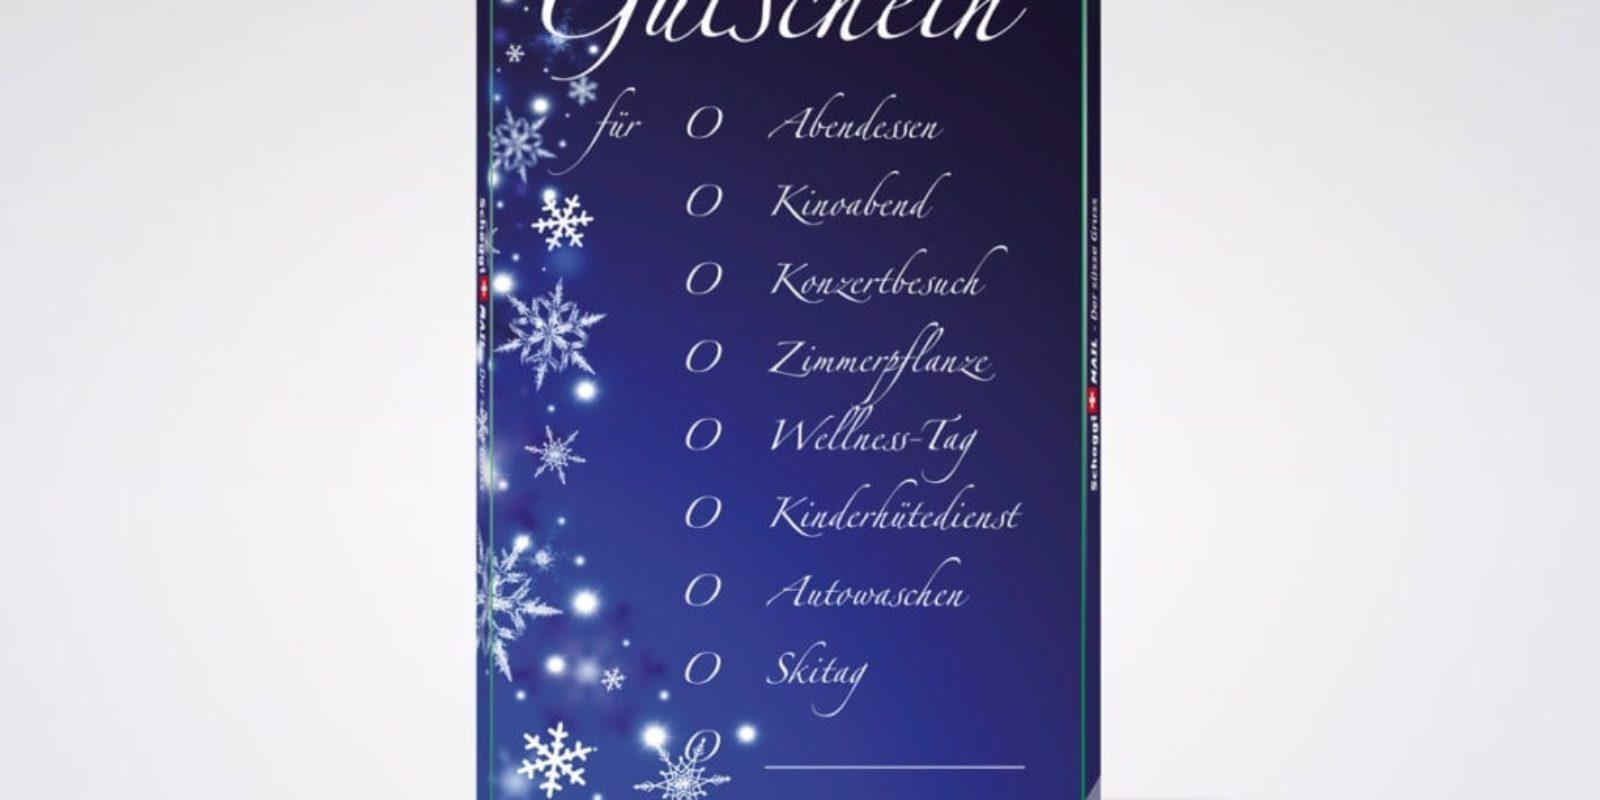 1137826-Wintergutschein-front